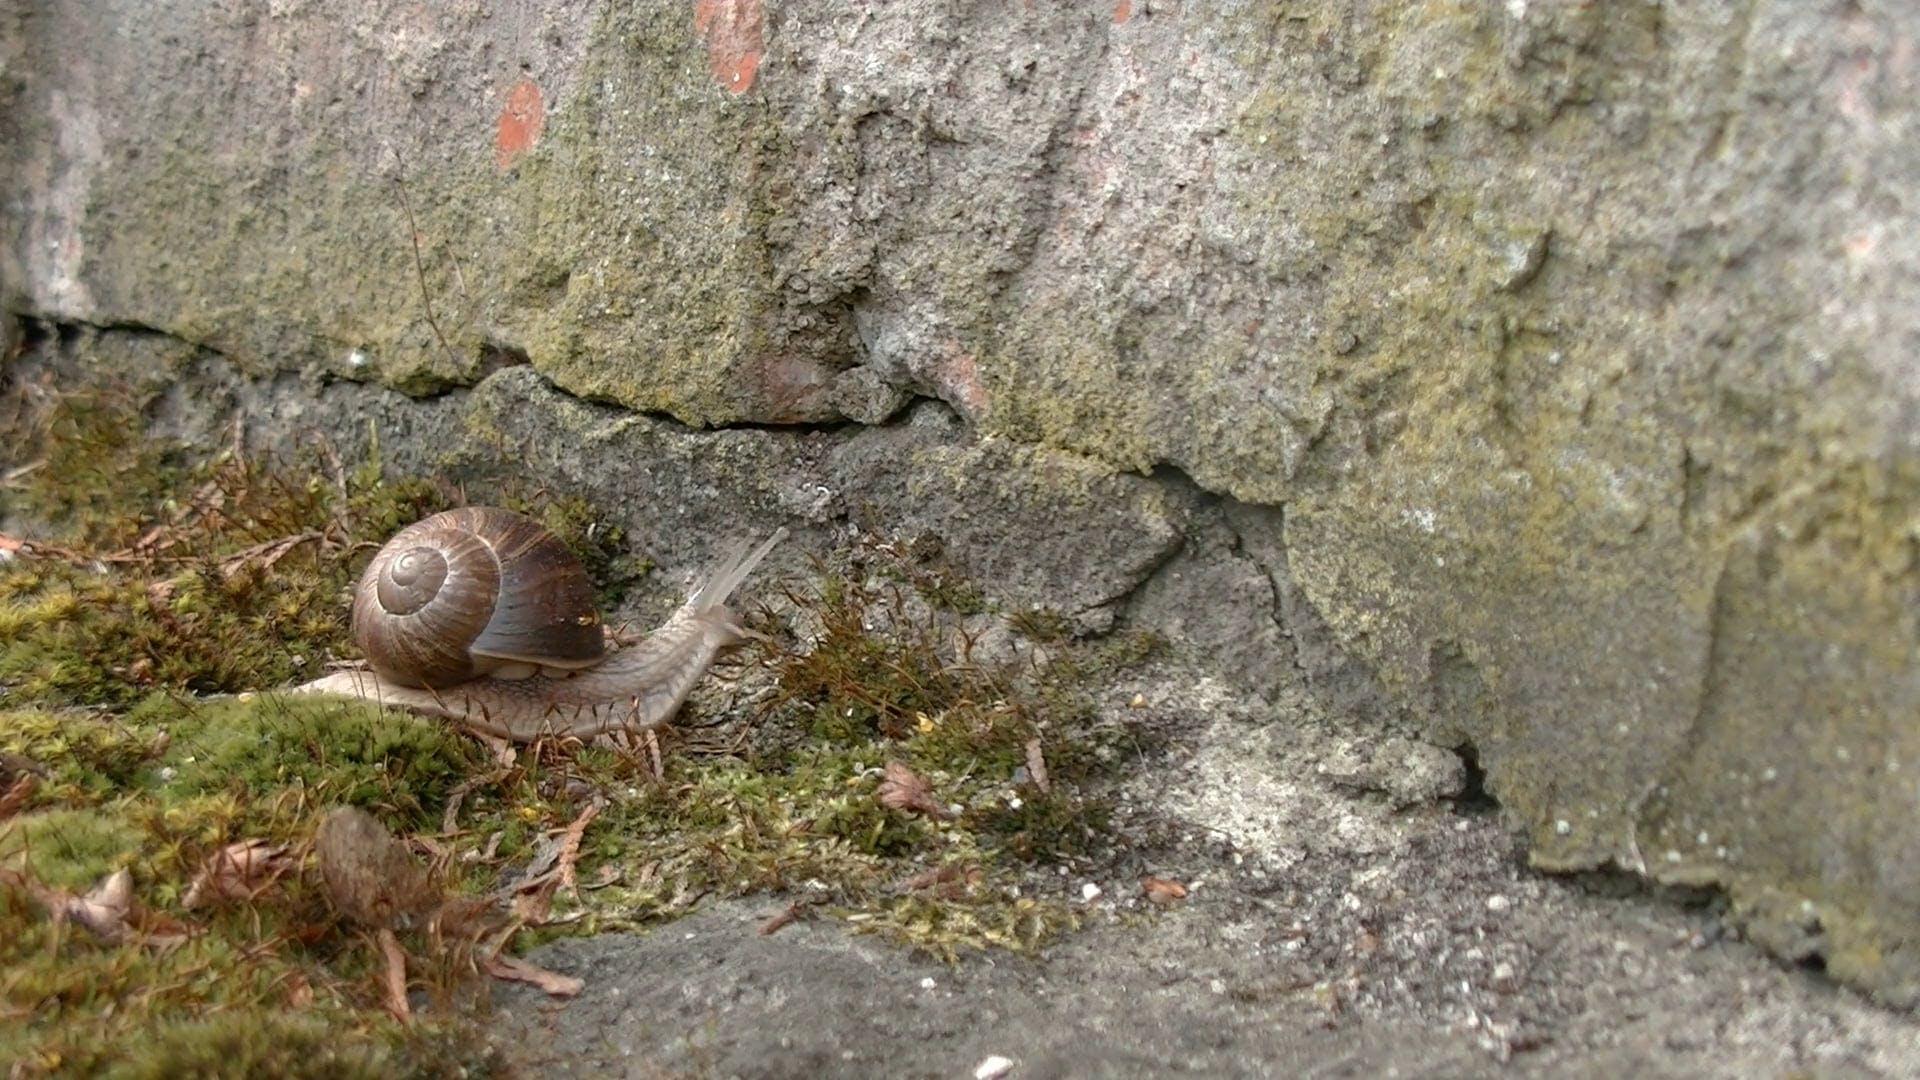 Slithering Snail